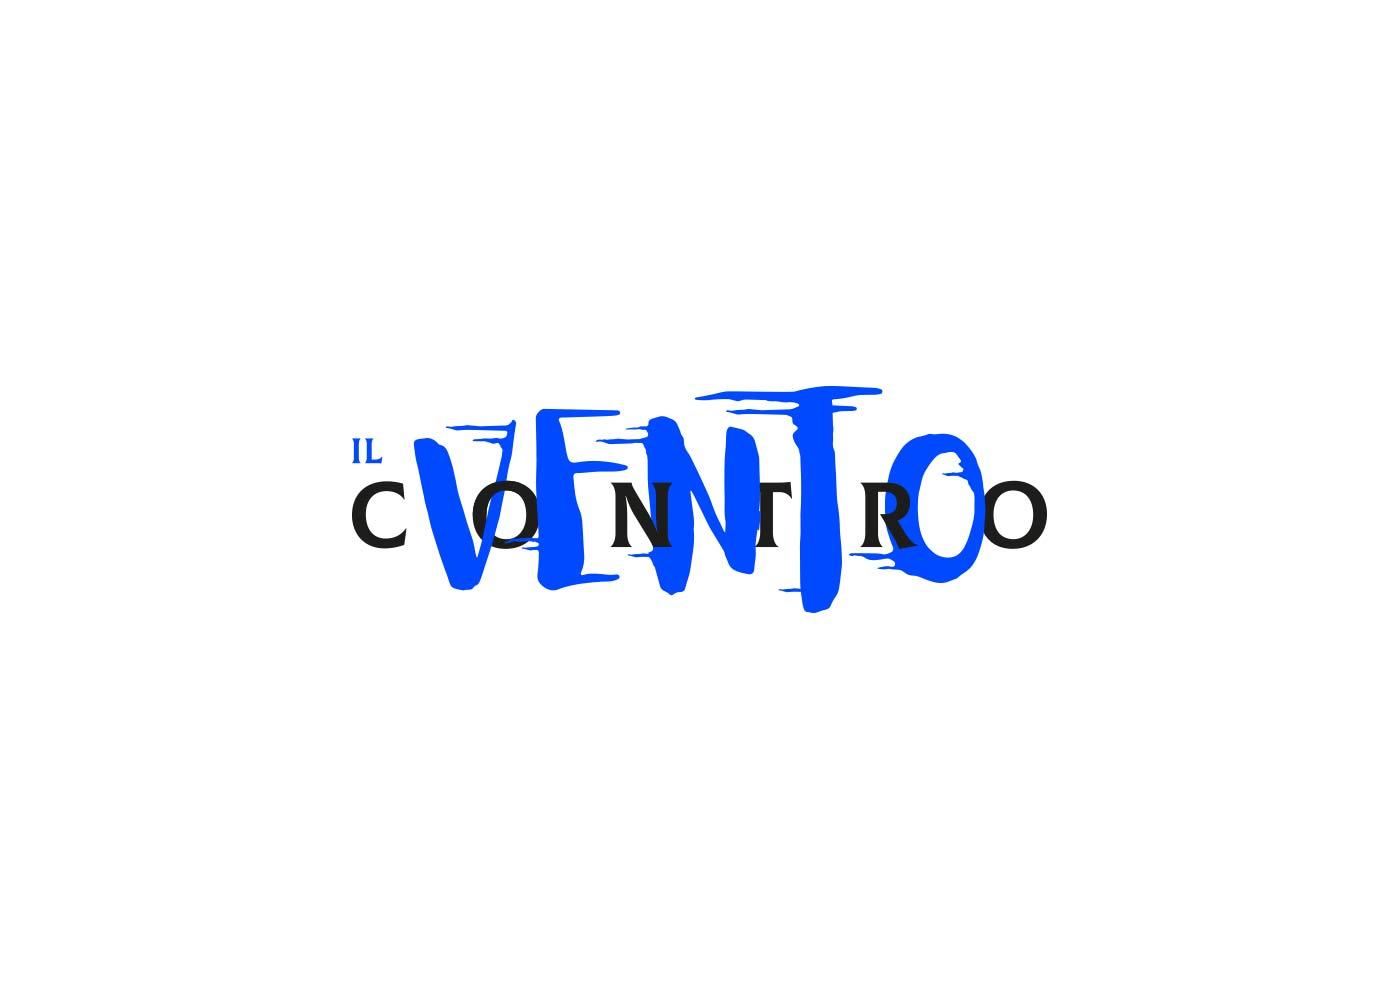 05 il vento contro band logotipo grafico milano